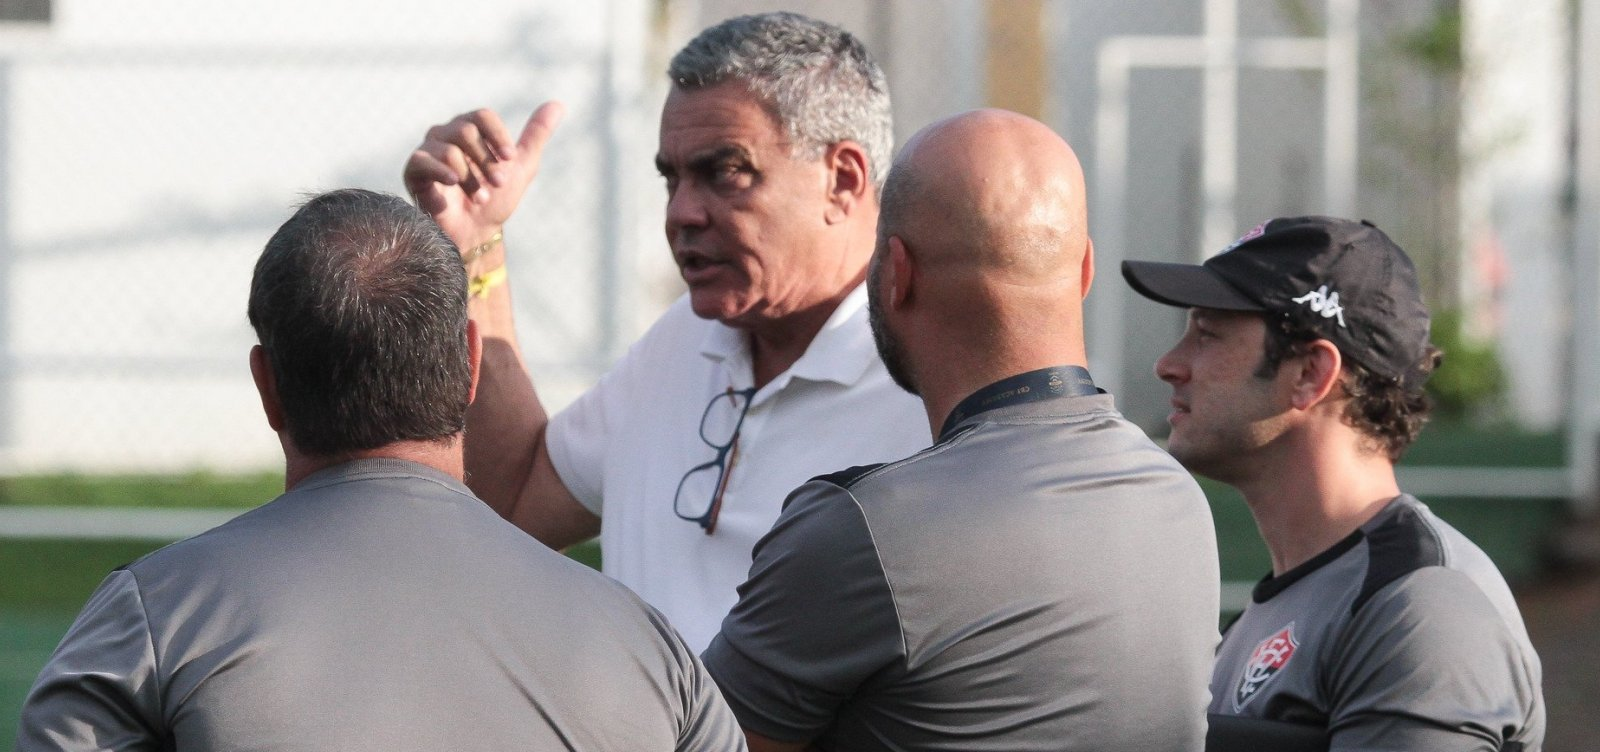 [Presidente do Vitória revela dívidas, fala sobre Fonte Nova e diz que clube vai processar gestões passadas]